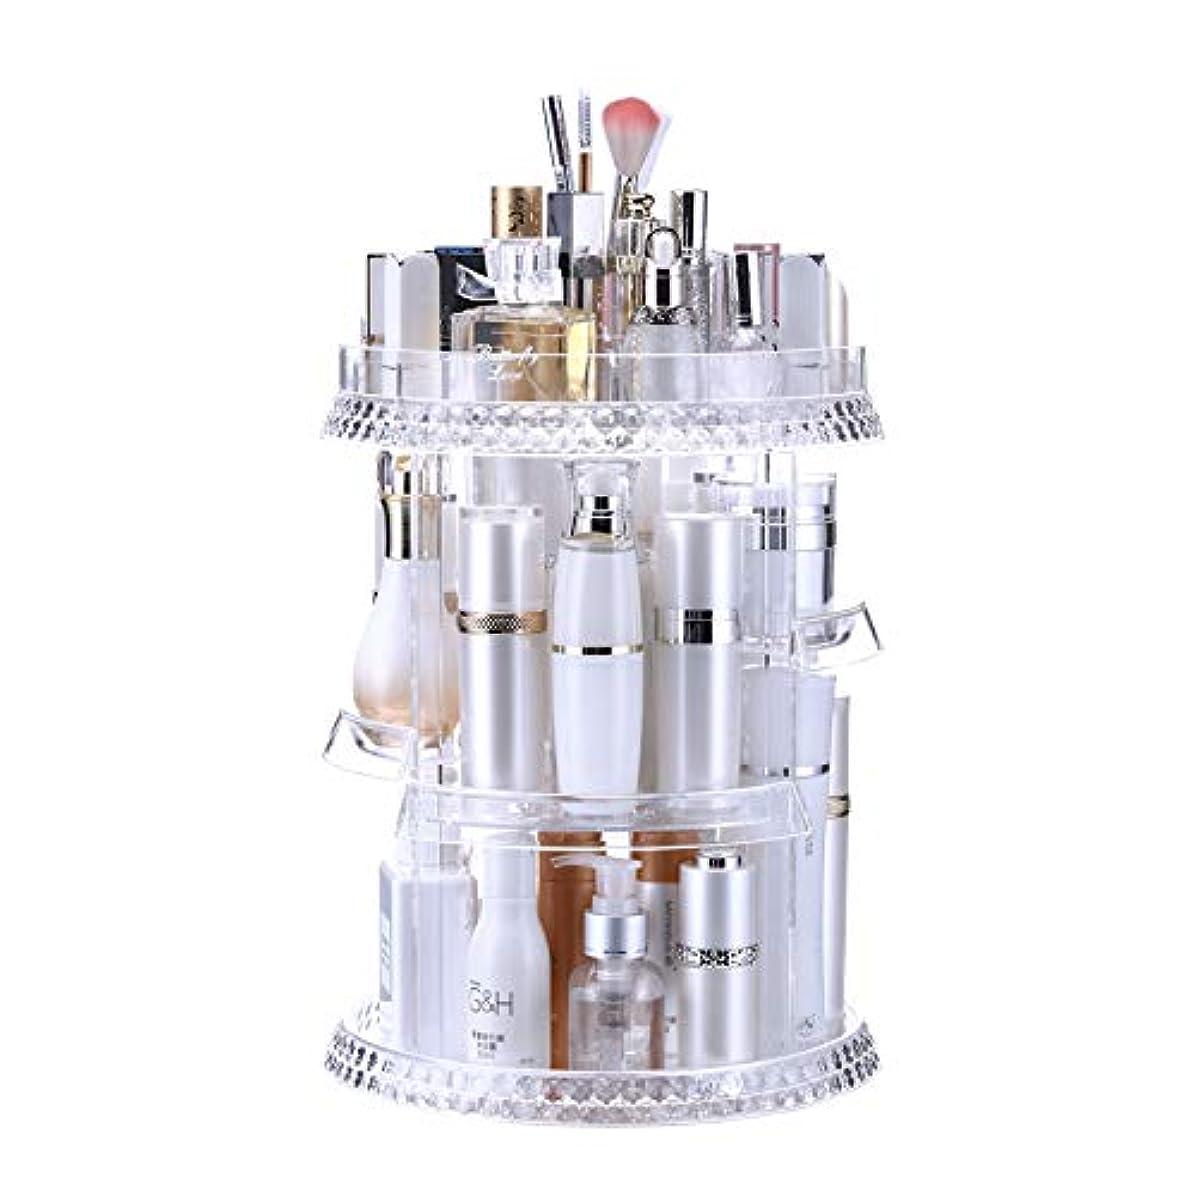 ピストン時折ポーターStarmory メイクボックス 360度回転式 大容量 (ダイヤモンドクリスタルスタイル) メイクケース 香水 口紅 化粧道具 収納 高さ調節可能 透明プラスチック化粧品ケース